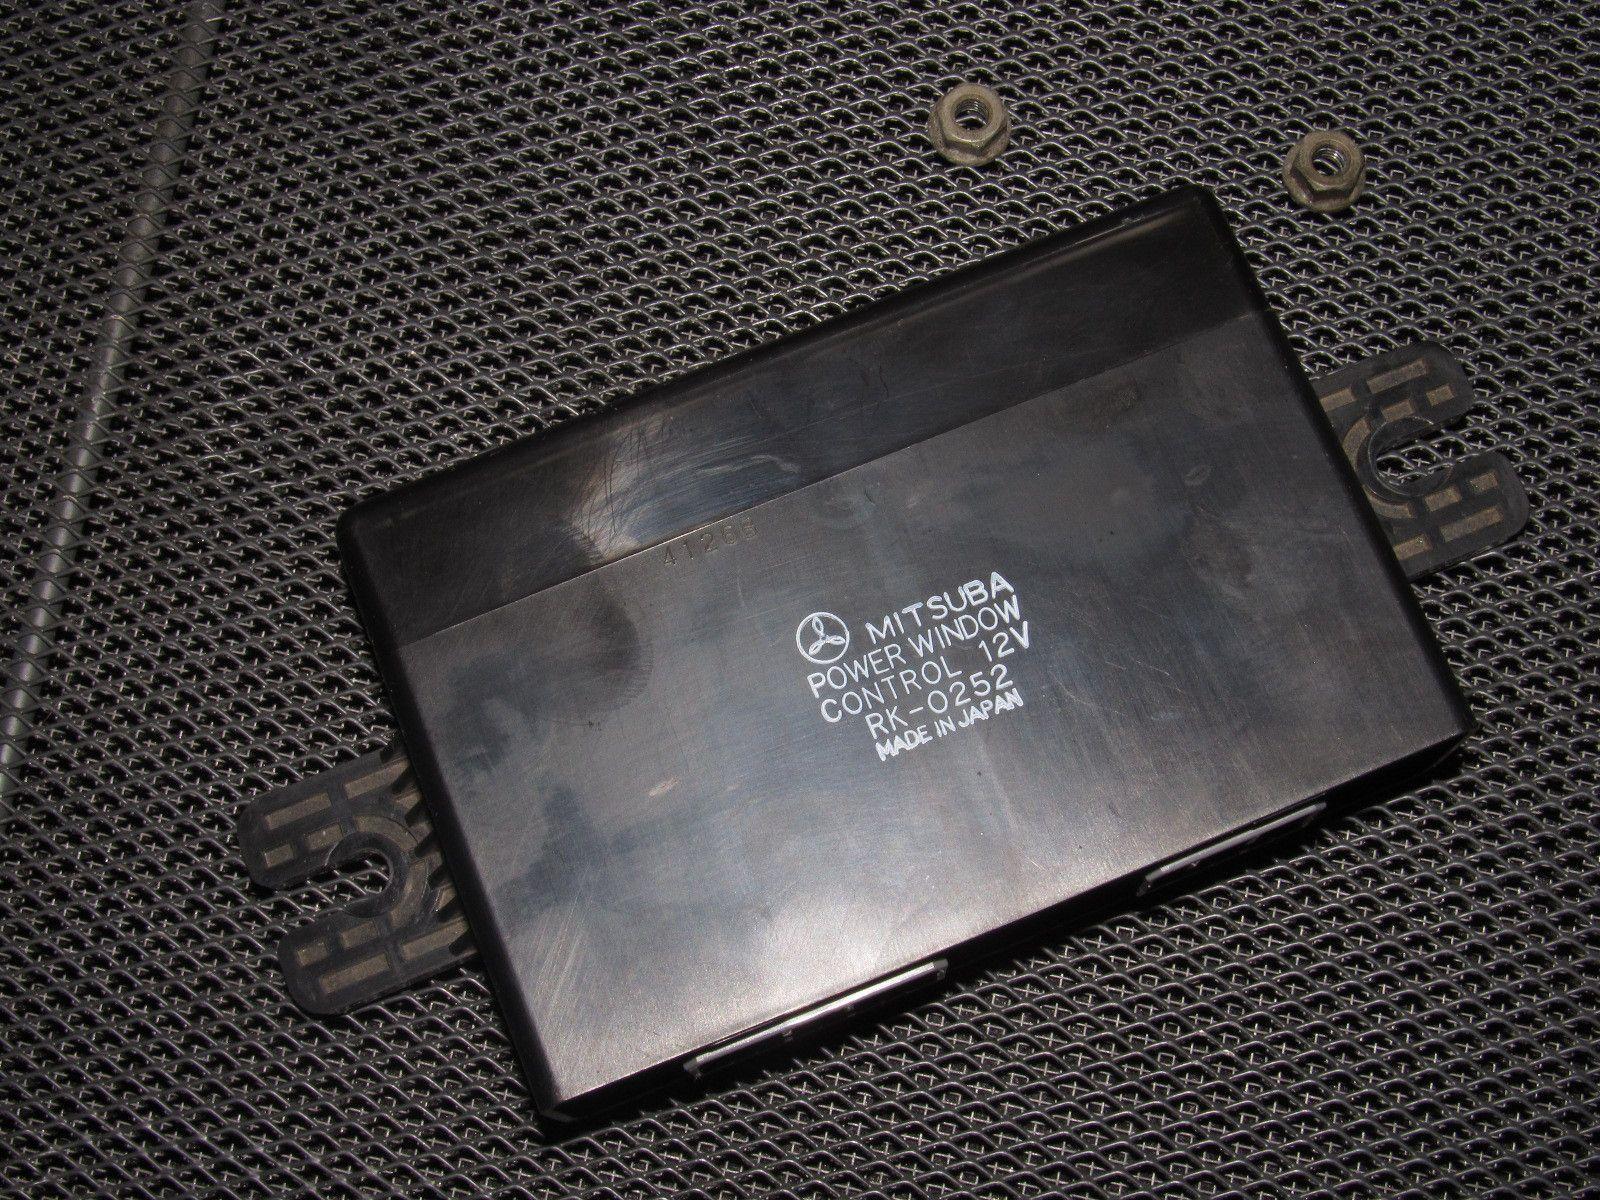 93 94 95 Honda Del Sol Oem Interior Fuse Box Autopartone Trusted 96 97 E2 80 Power Window Relay Rk 0252